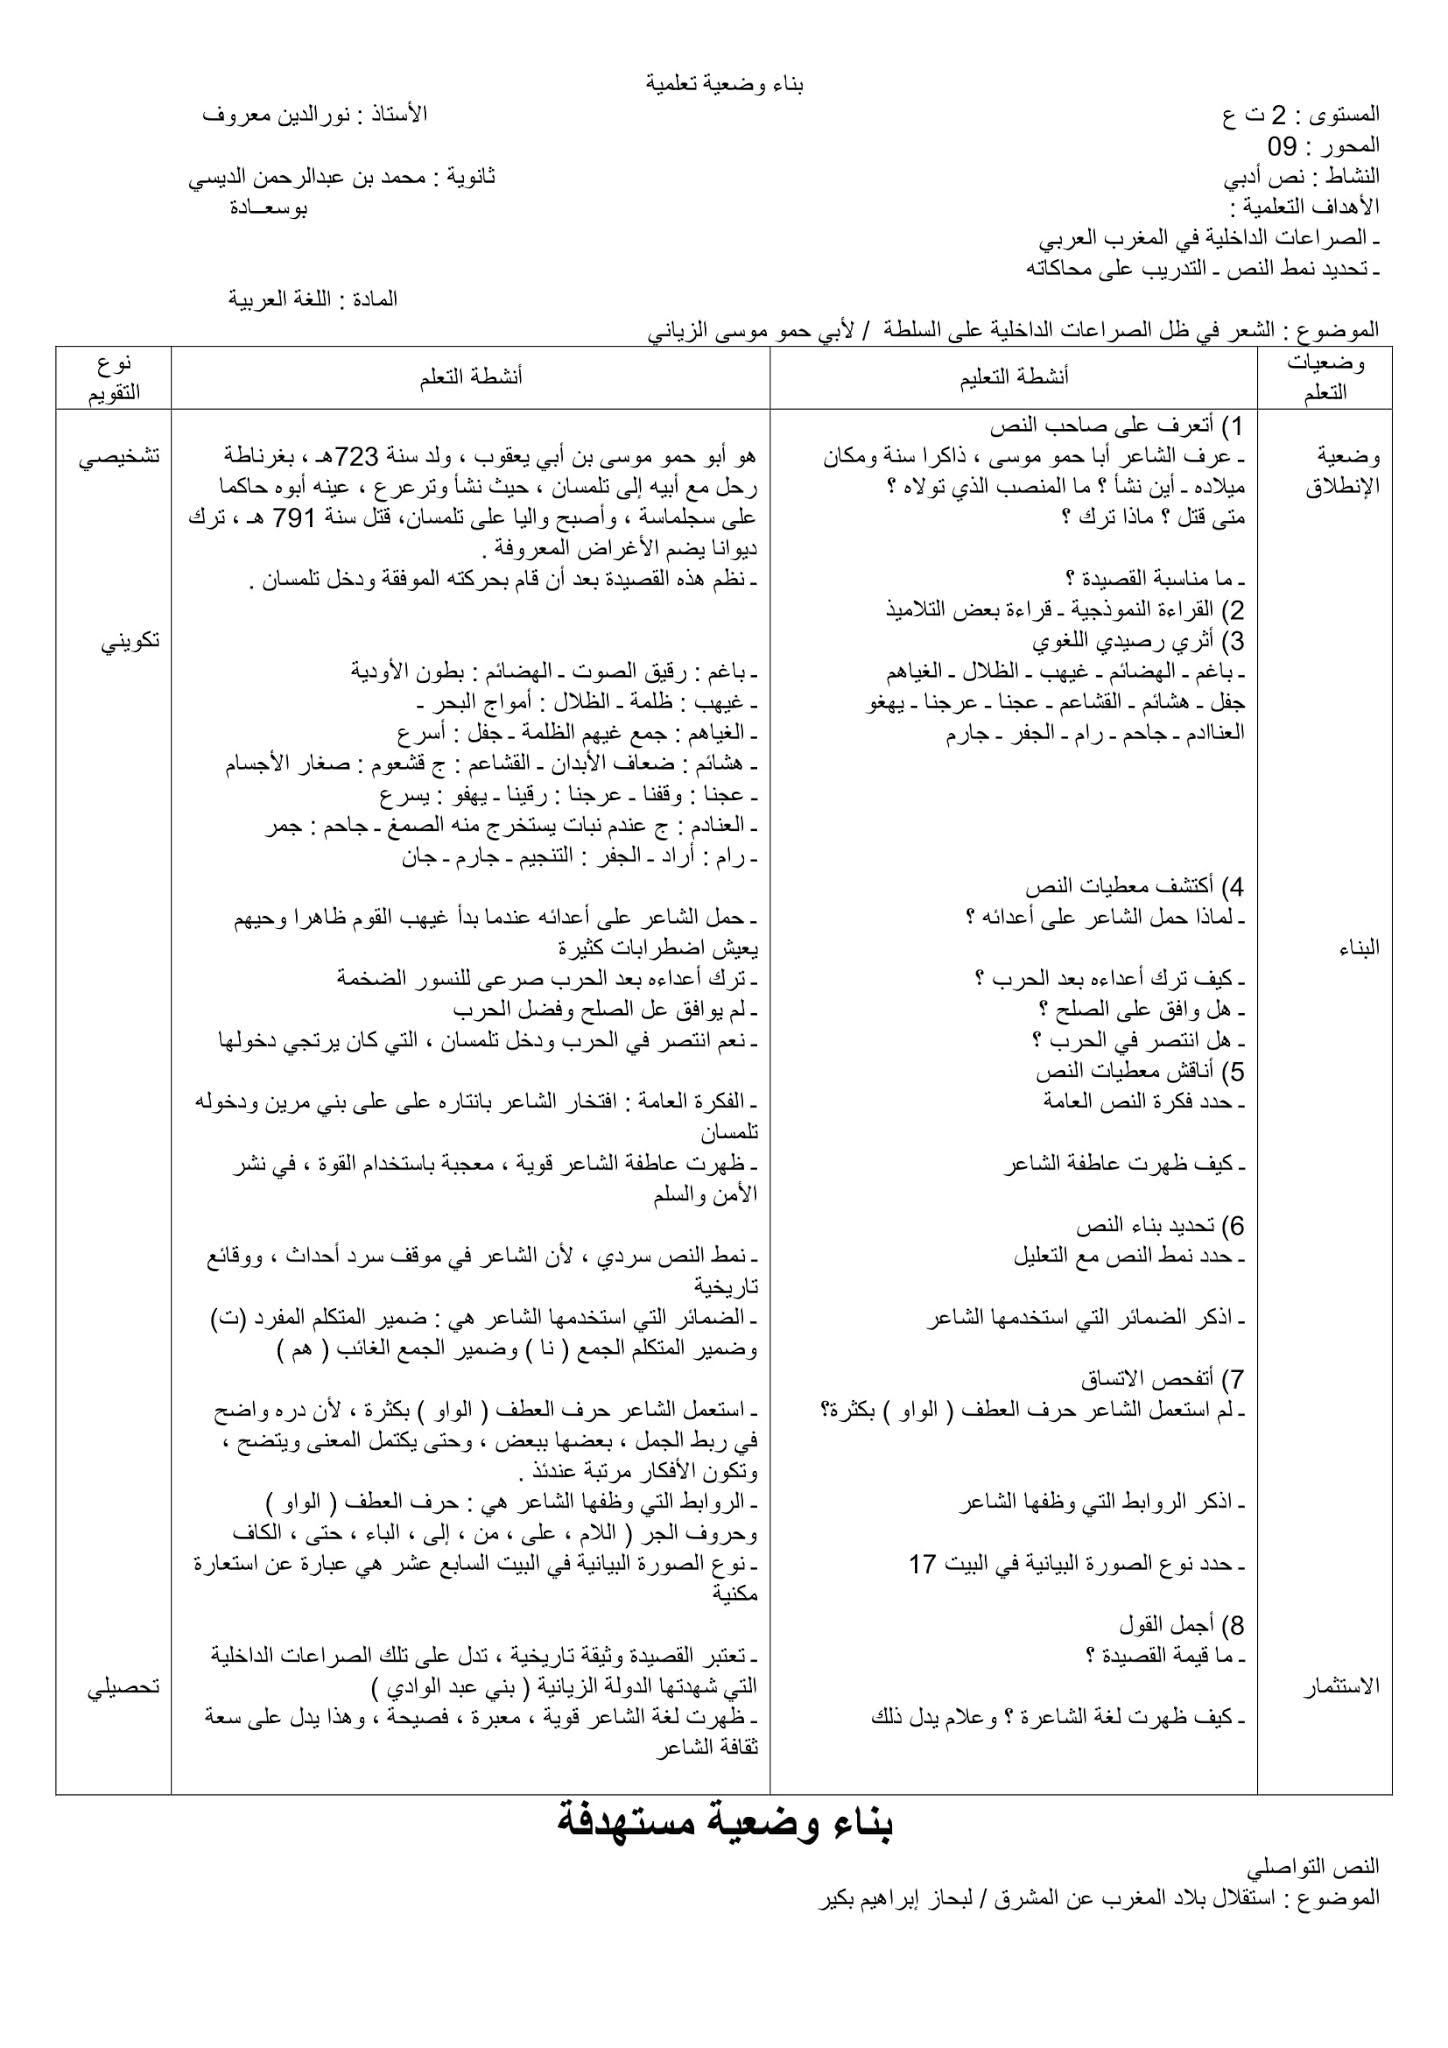 تحضير نص الشعر في ظل الصراعات الداخلية على السلطة 2 ثانوي علمي صفحة 108 من الكتاب المدرسي